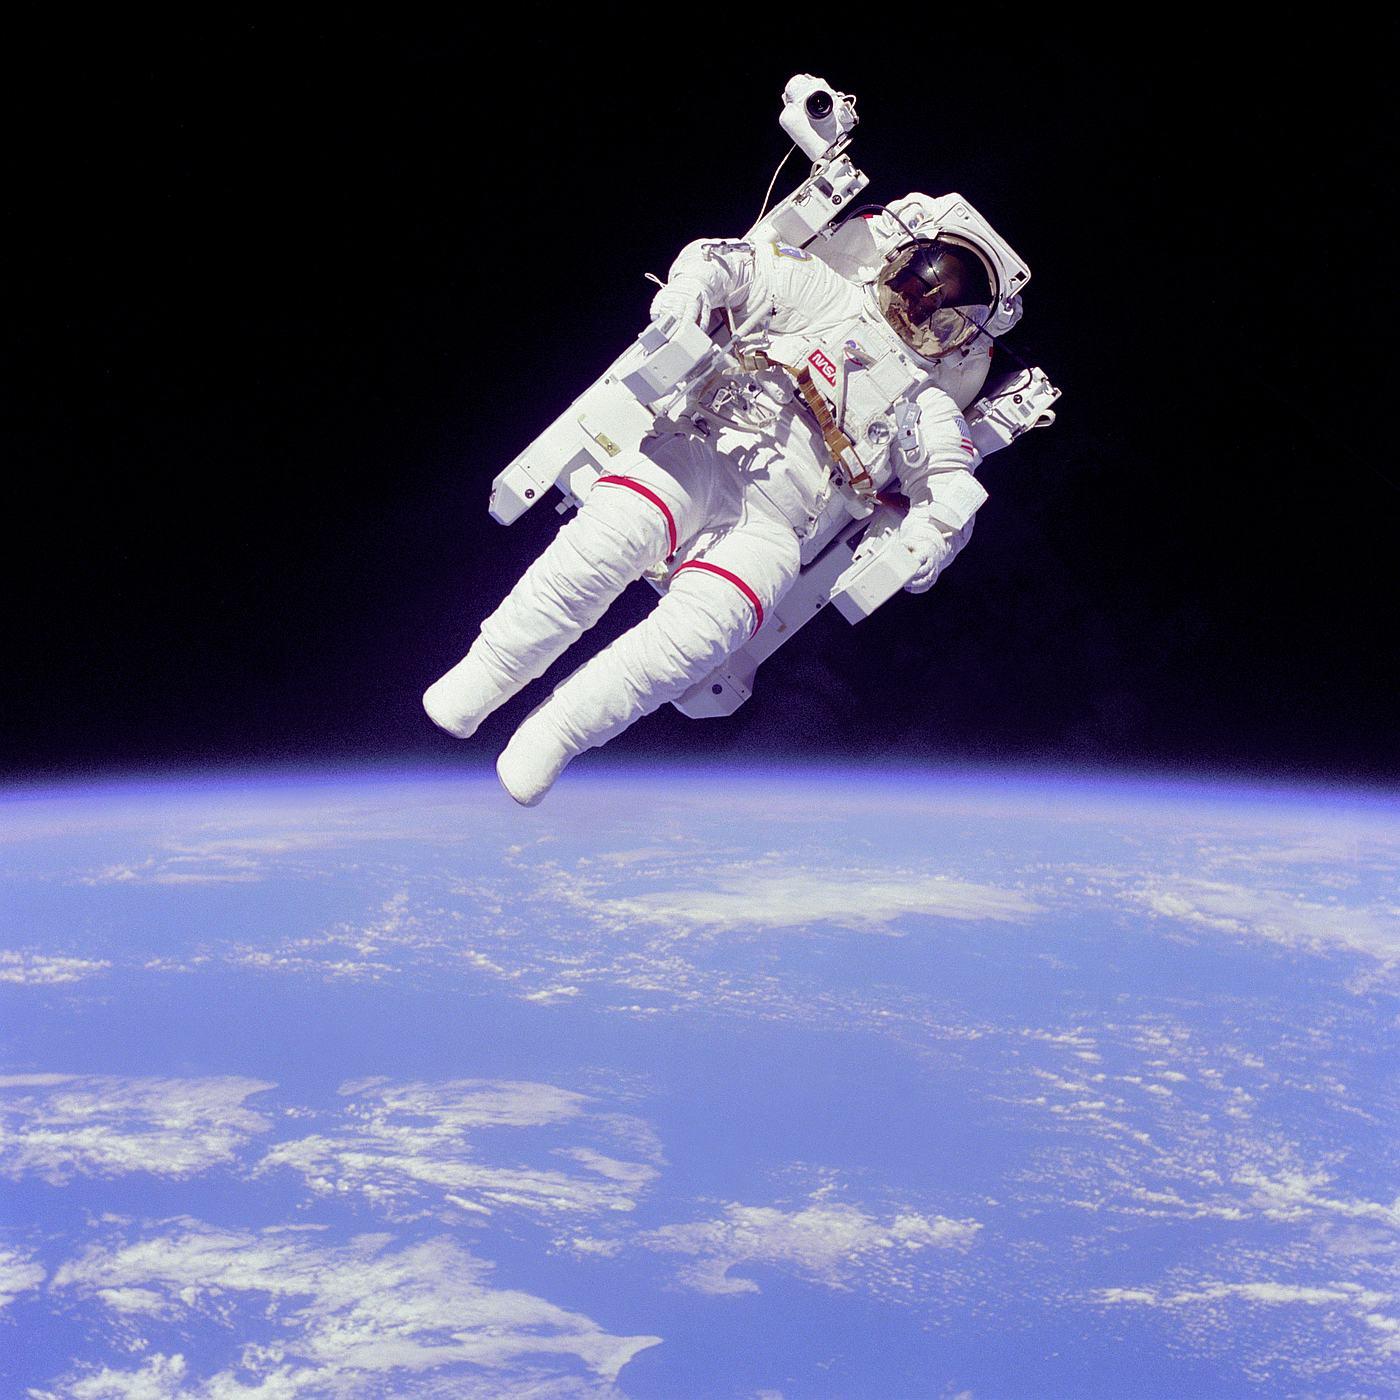 Астронавт в скафандре c устройством для полетов